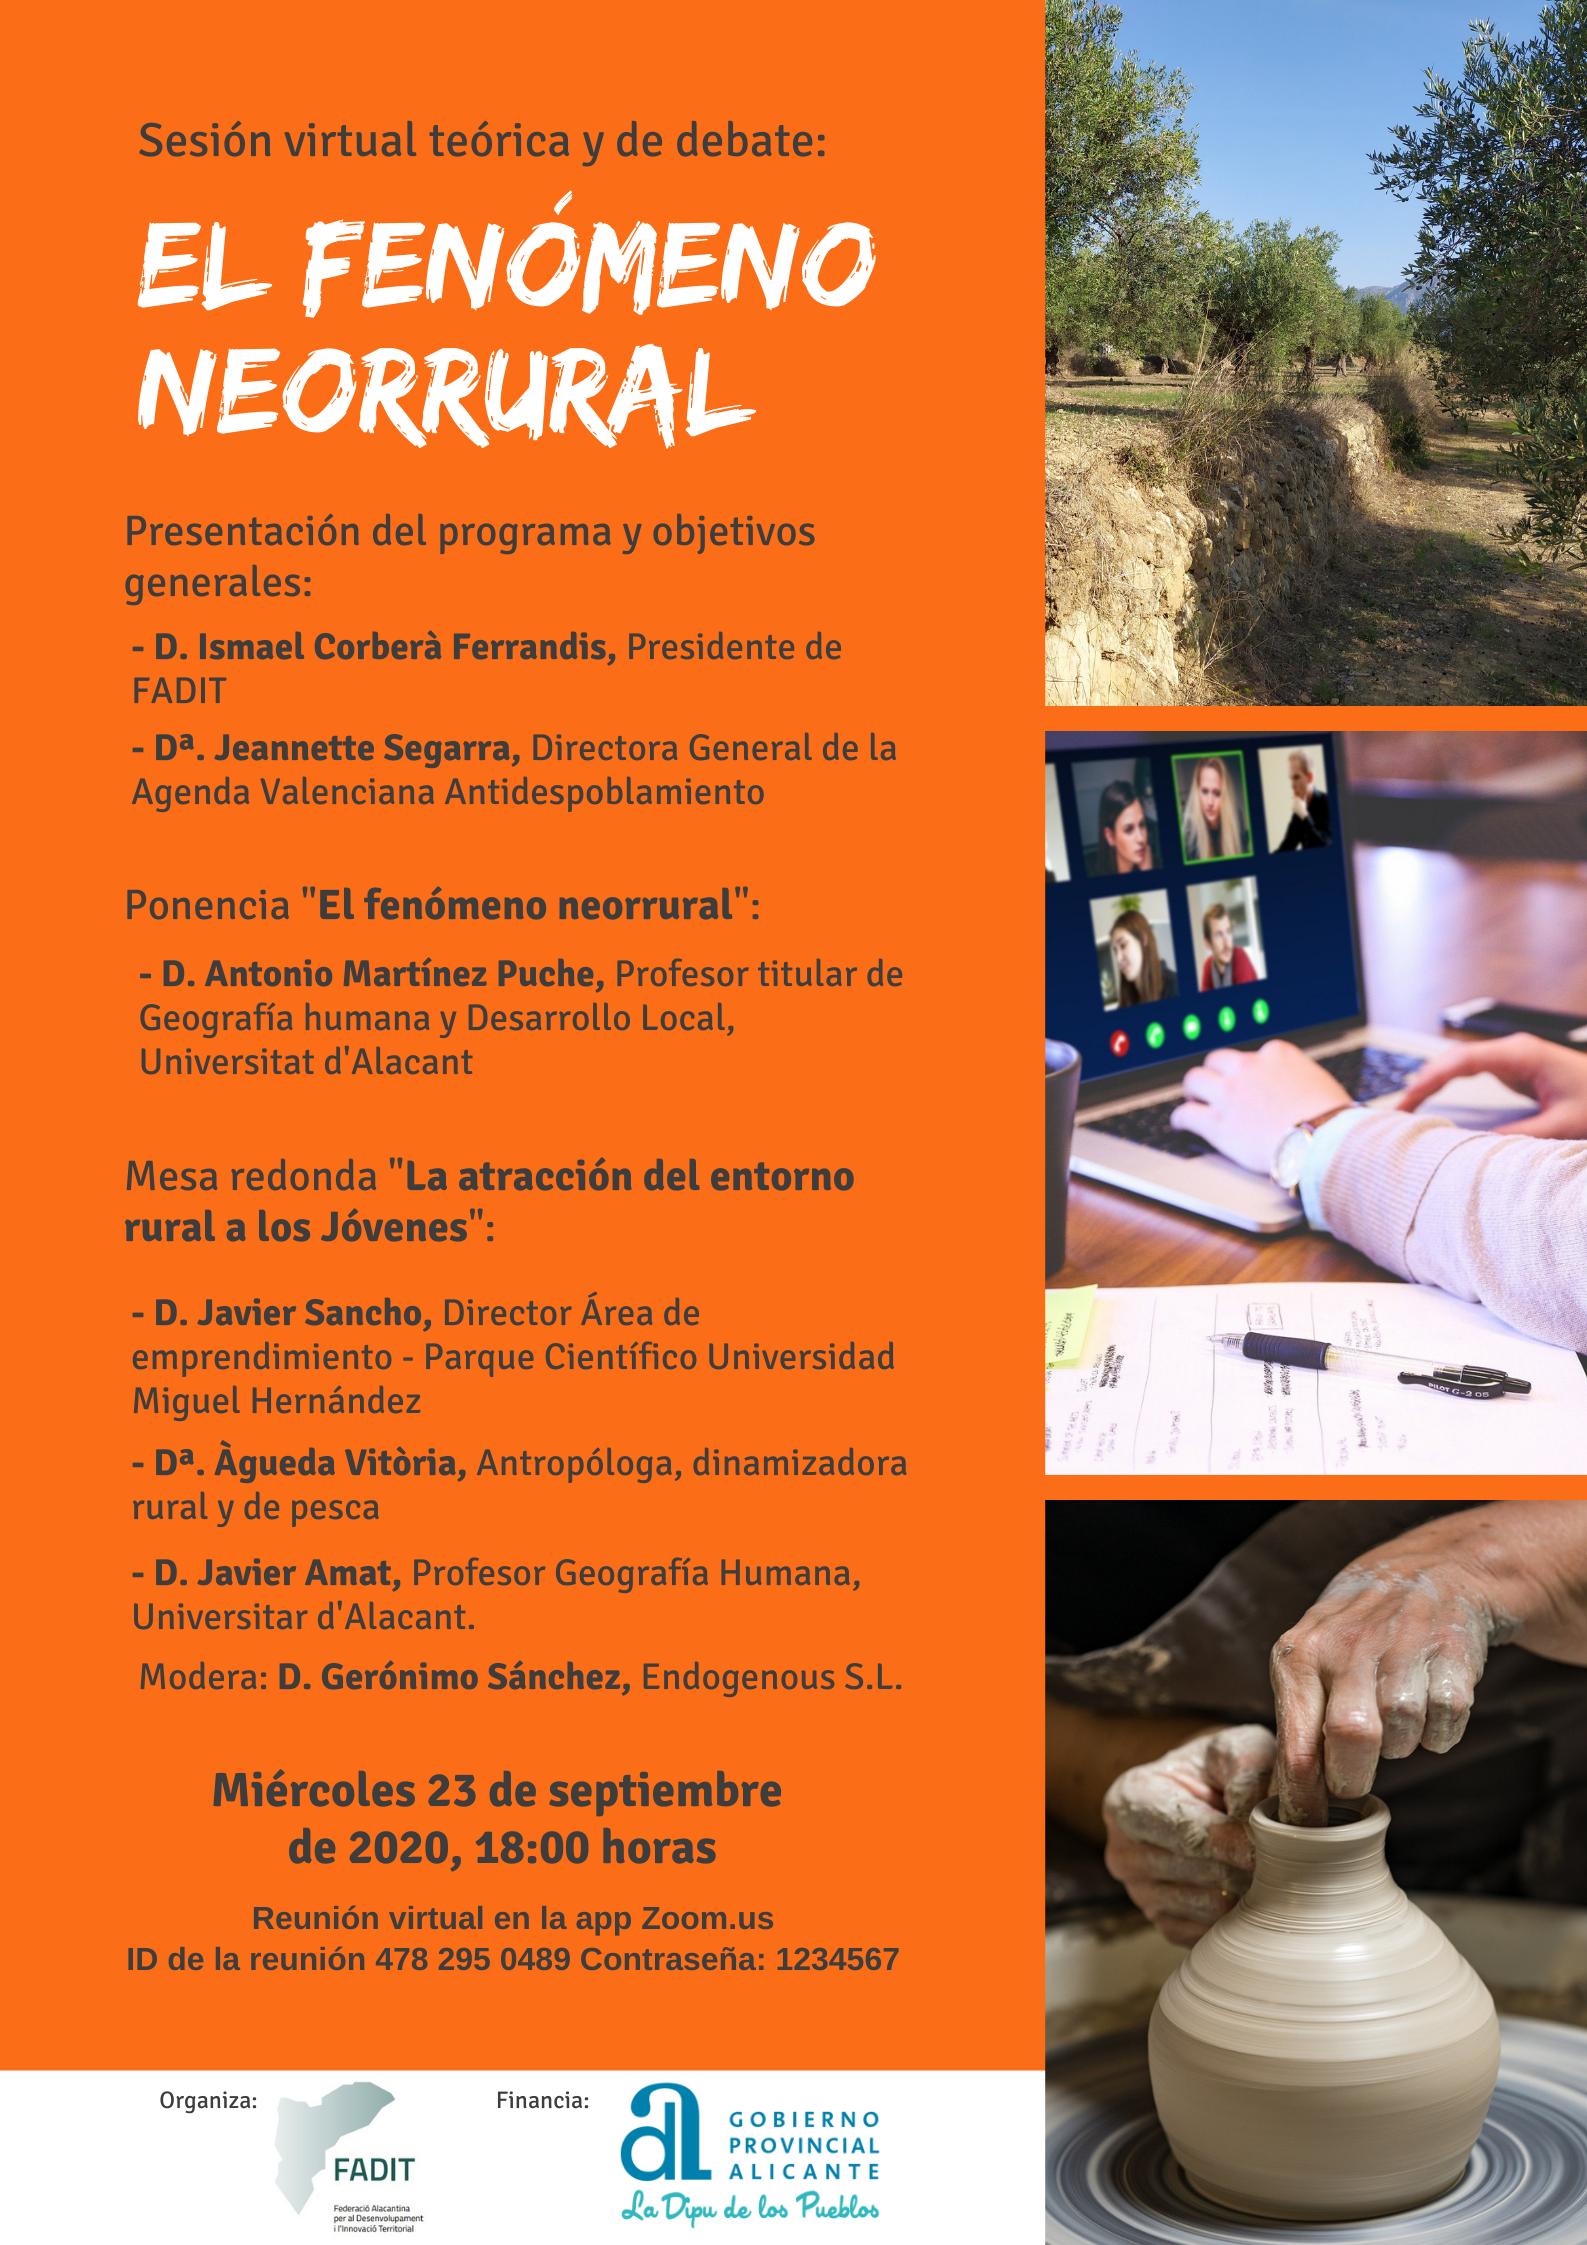 Fenómeno neorrural